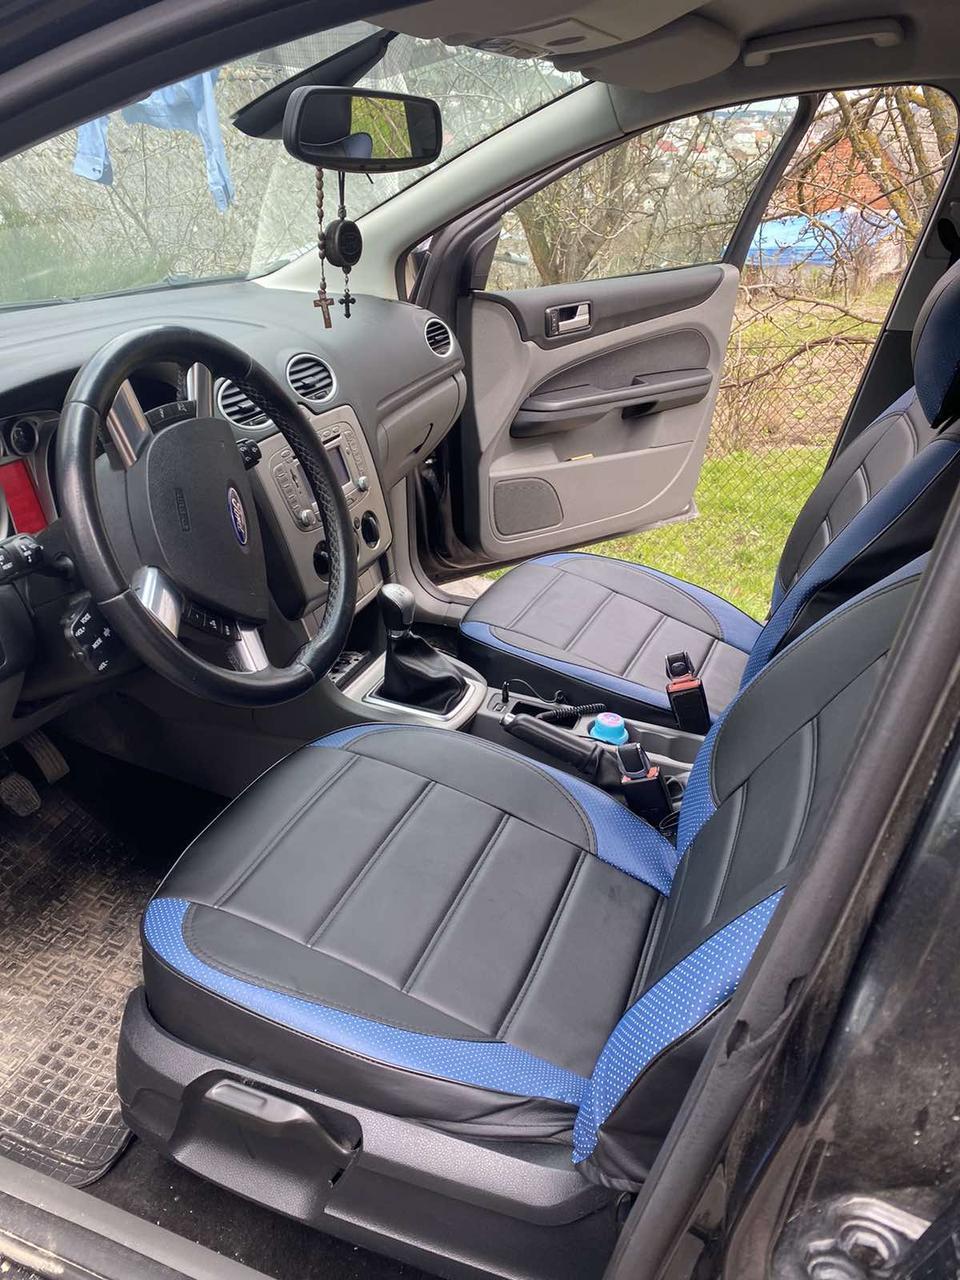 Чехлы на сиденья Митсубиси Аутлендер (Mitsubishi Outlander) модельные MAX-L из экокожи Черно-синий